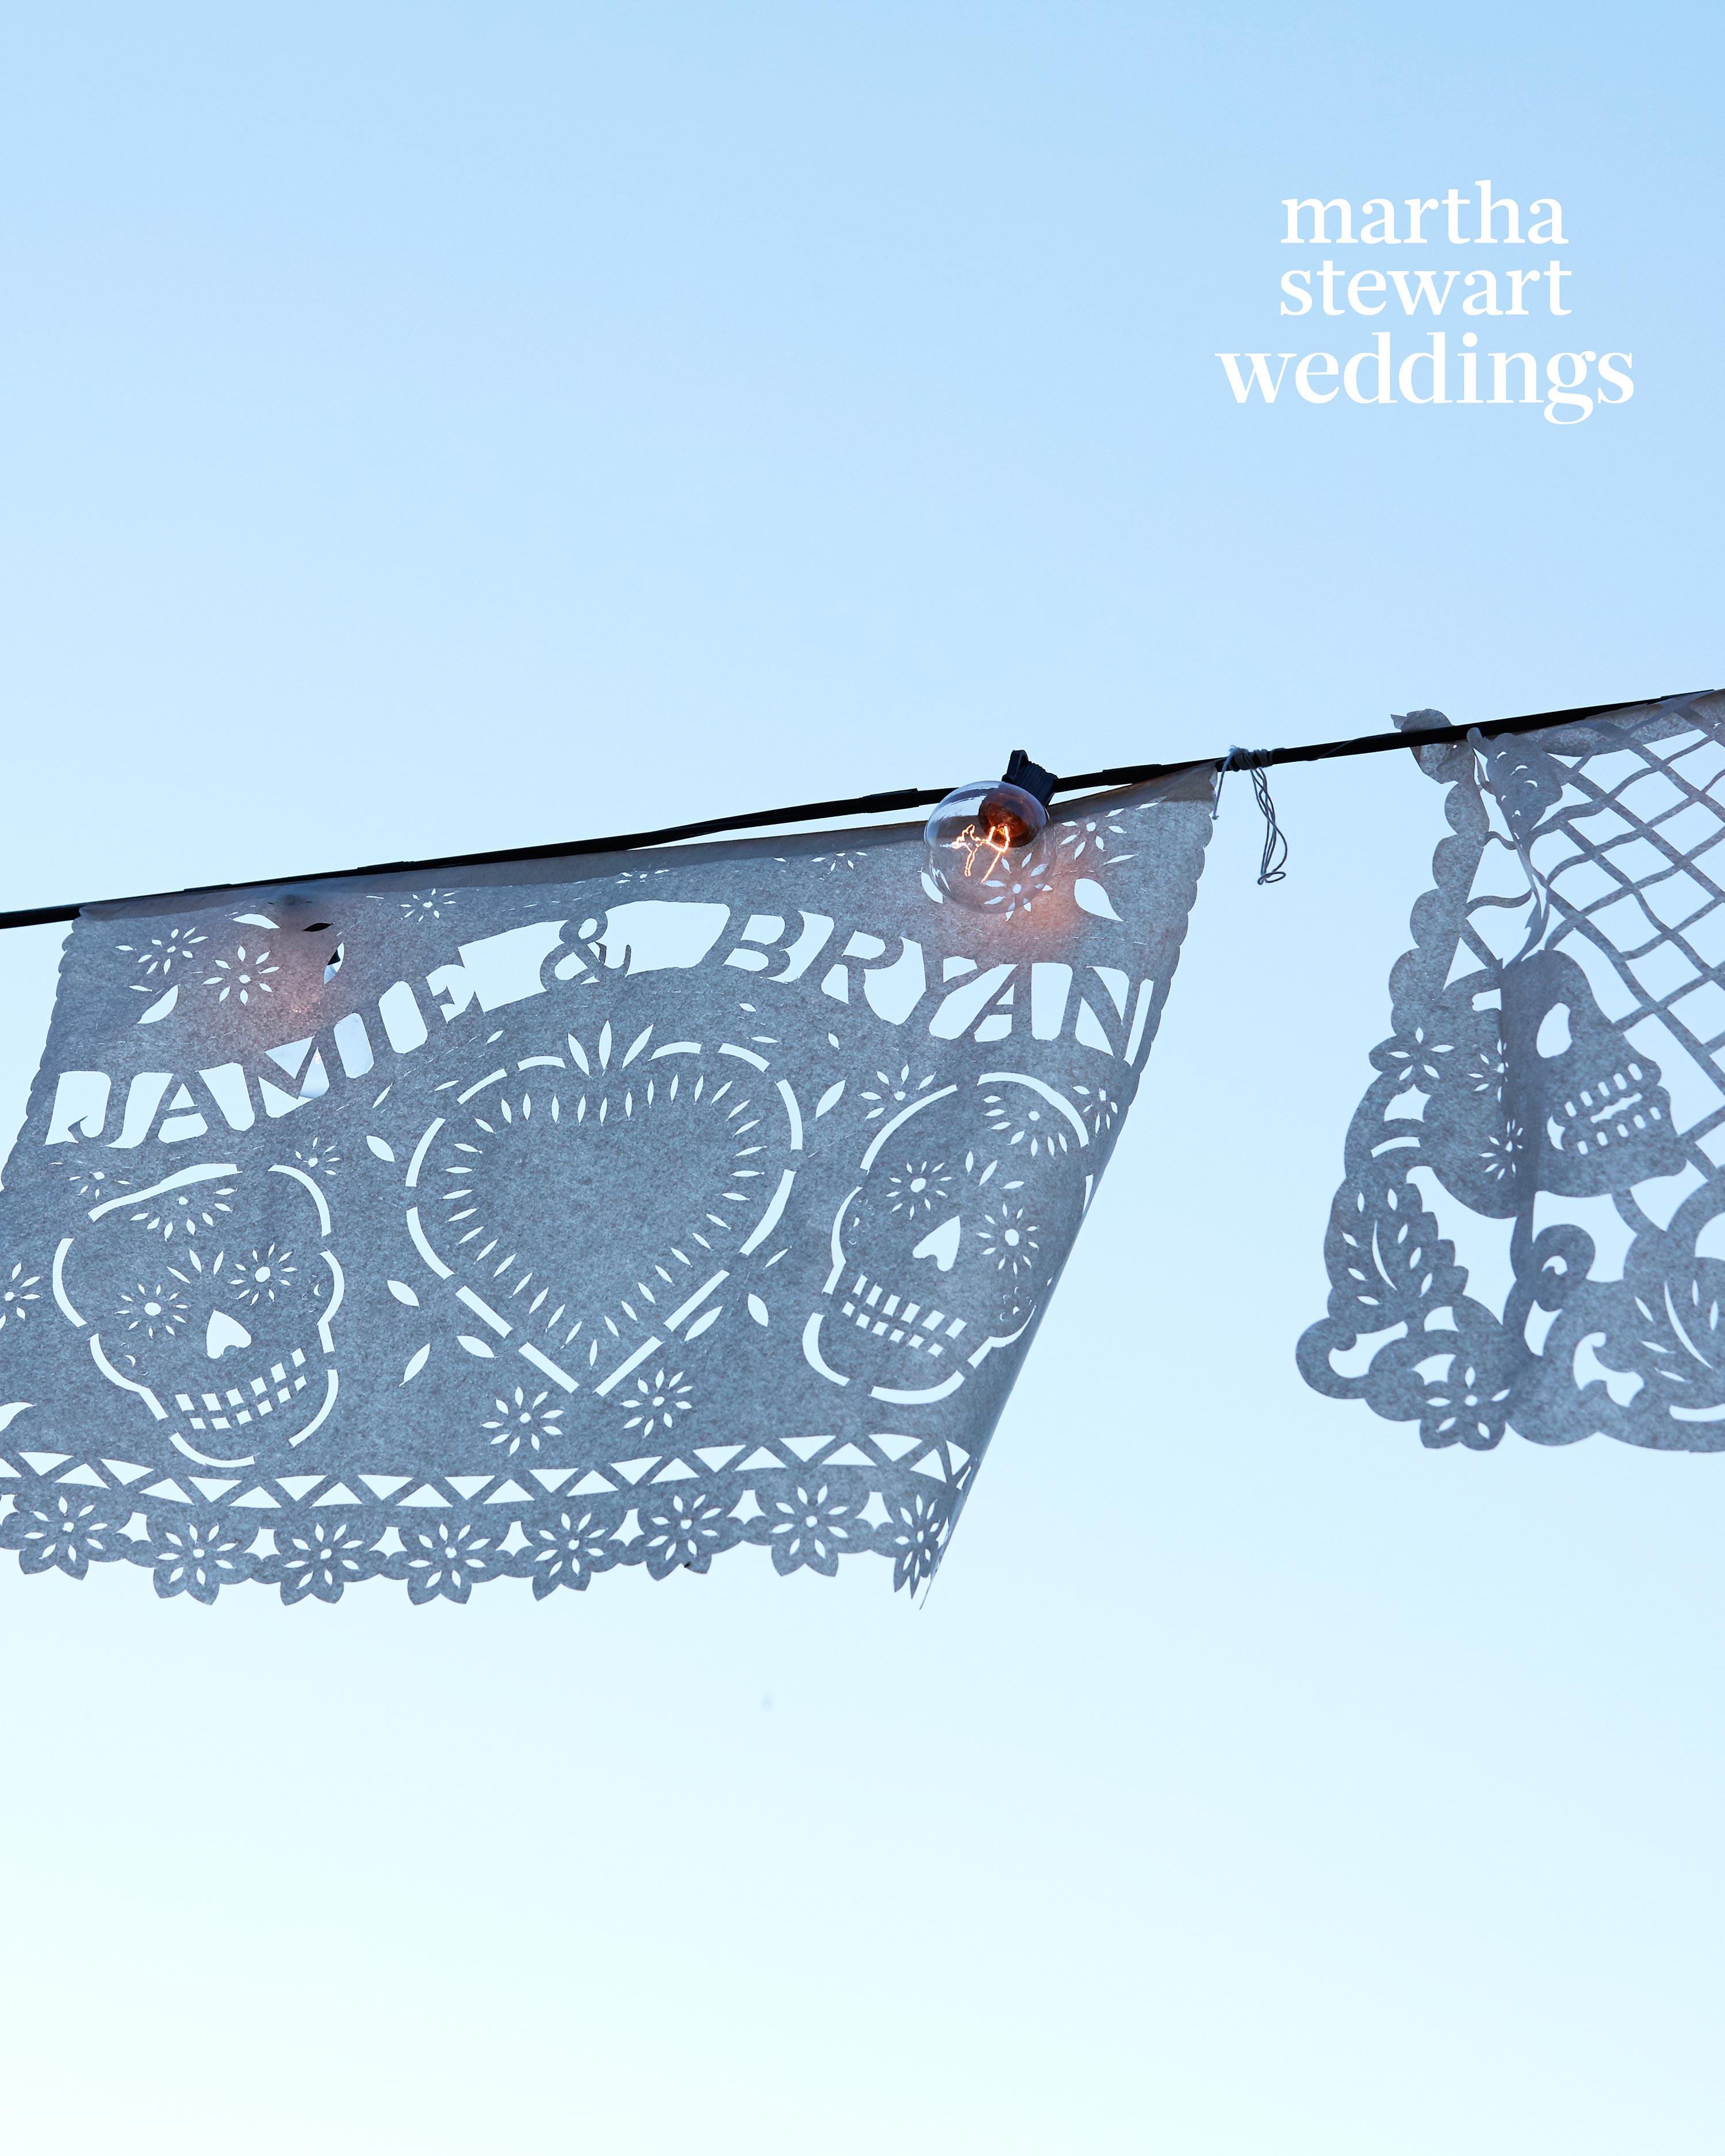 jamie-bryan-wedding-09-flags-0369-d112664.jpg